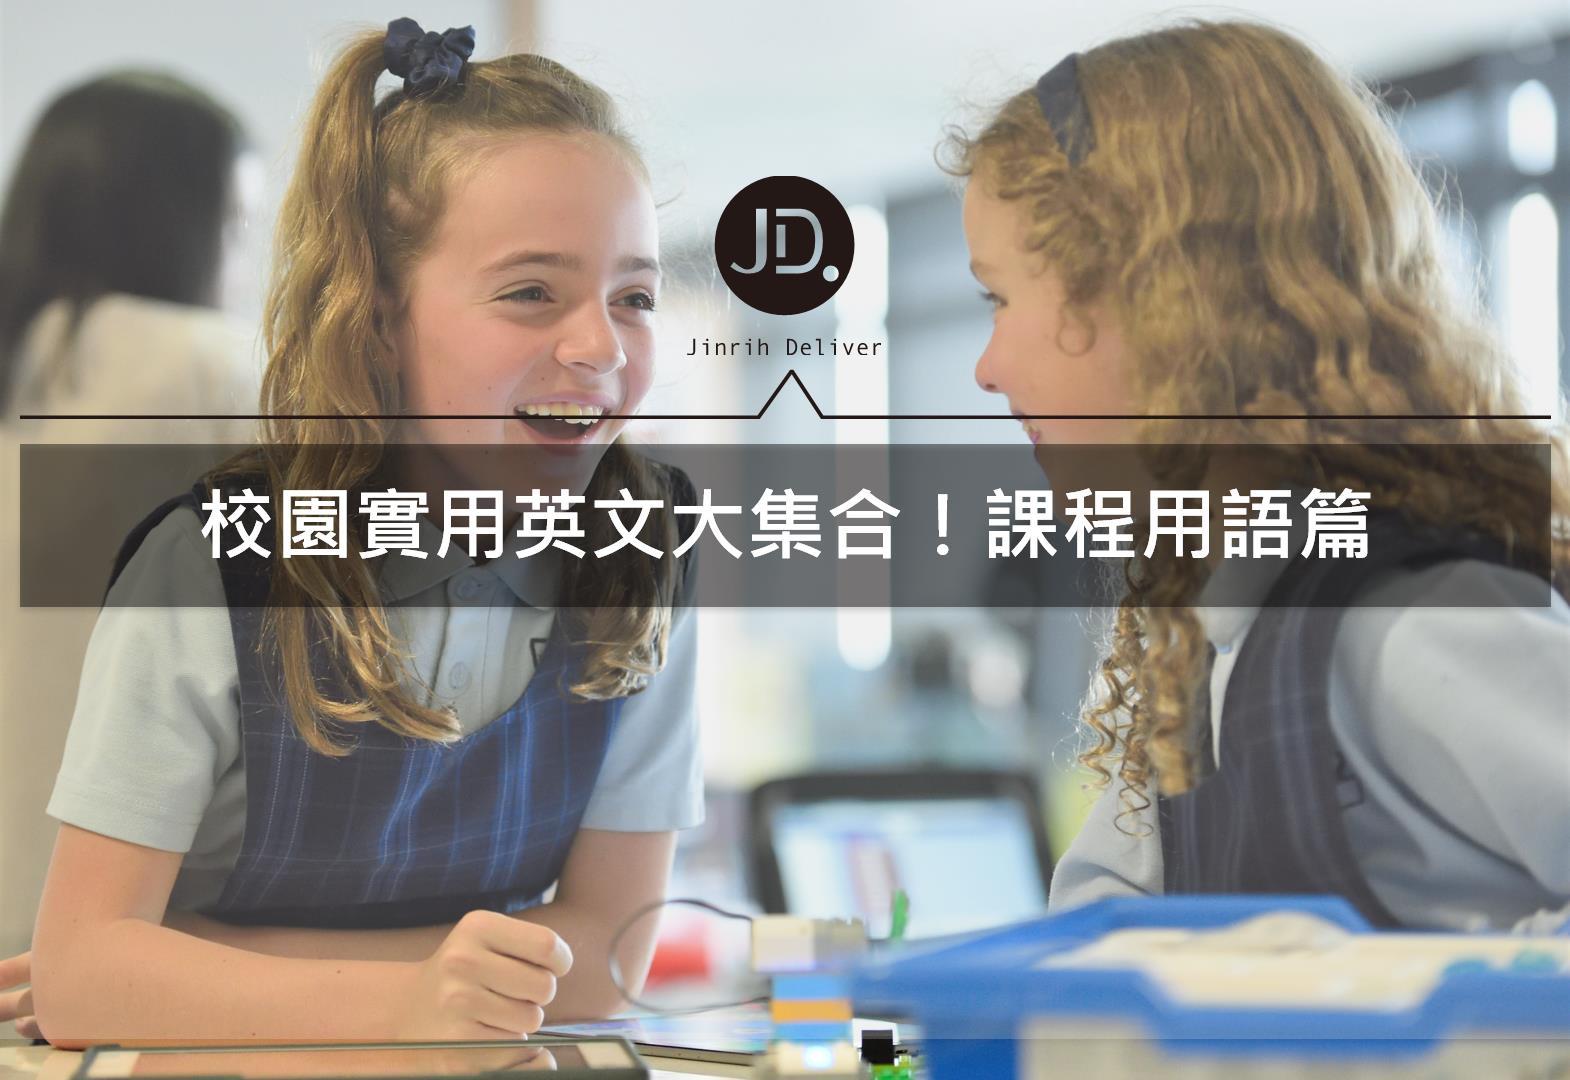 【校園英文】加退選的英文要怎麼說?那些在校園中常見的英文會話